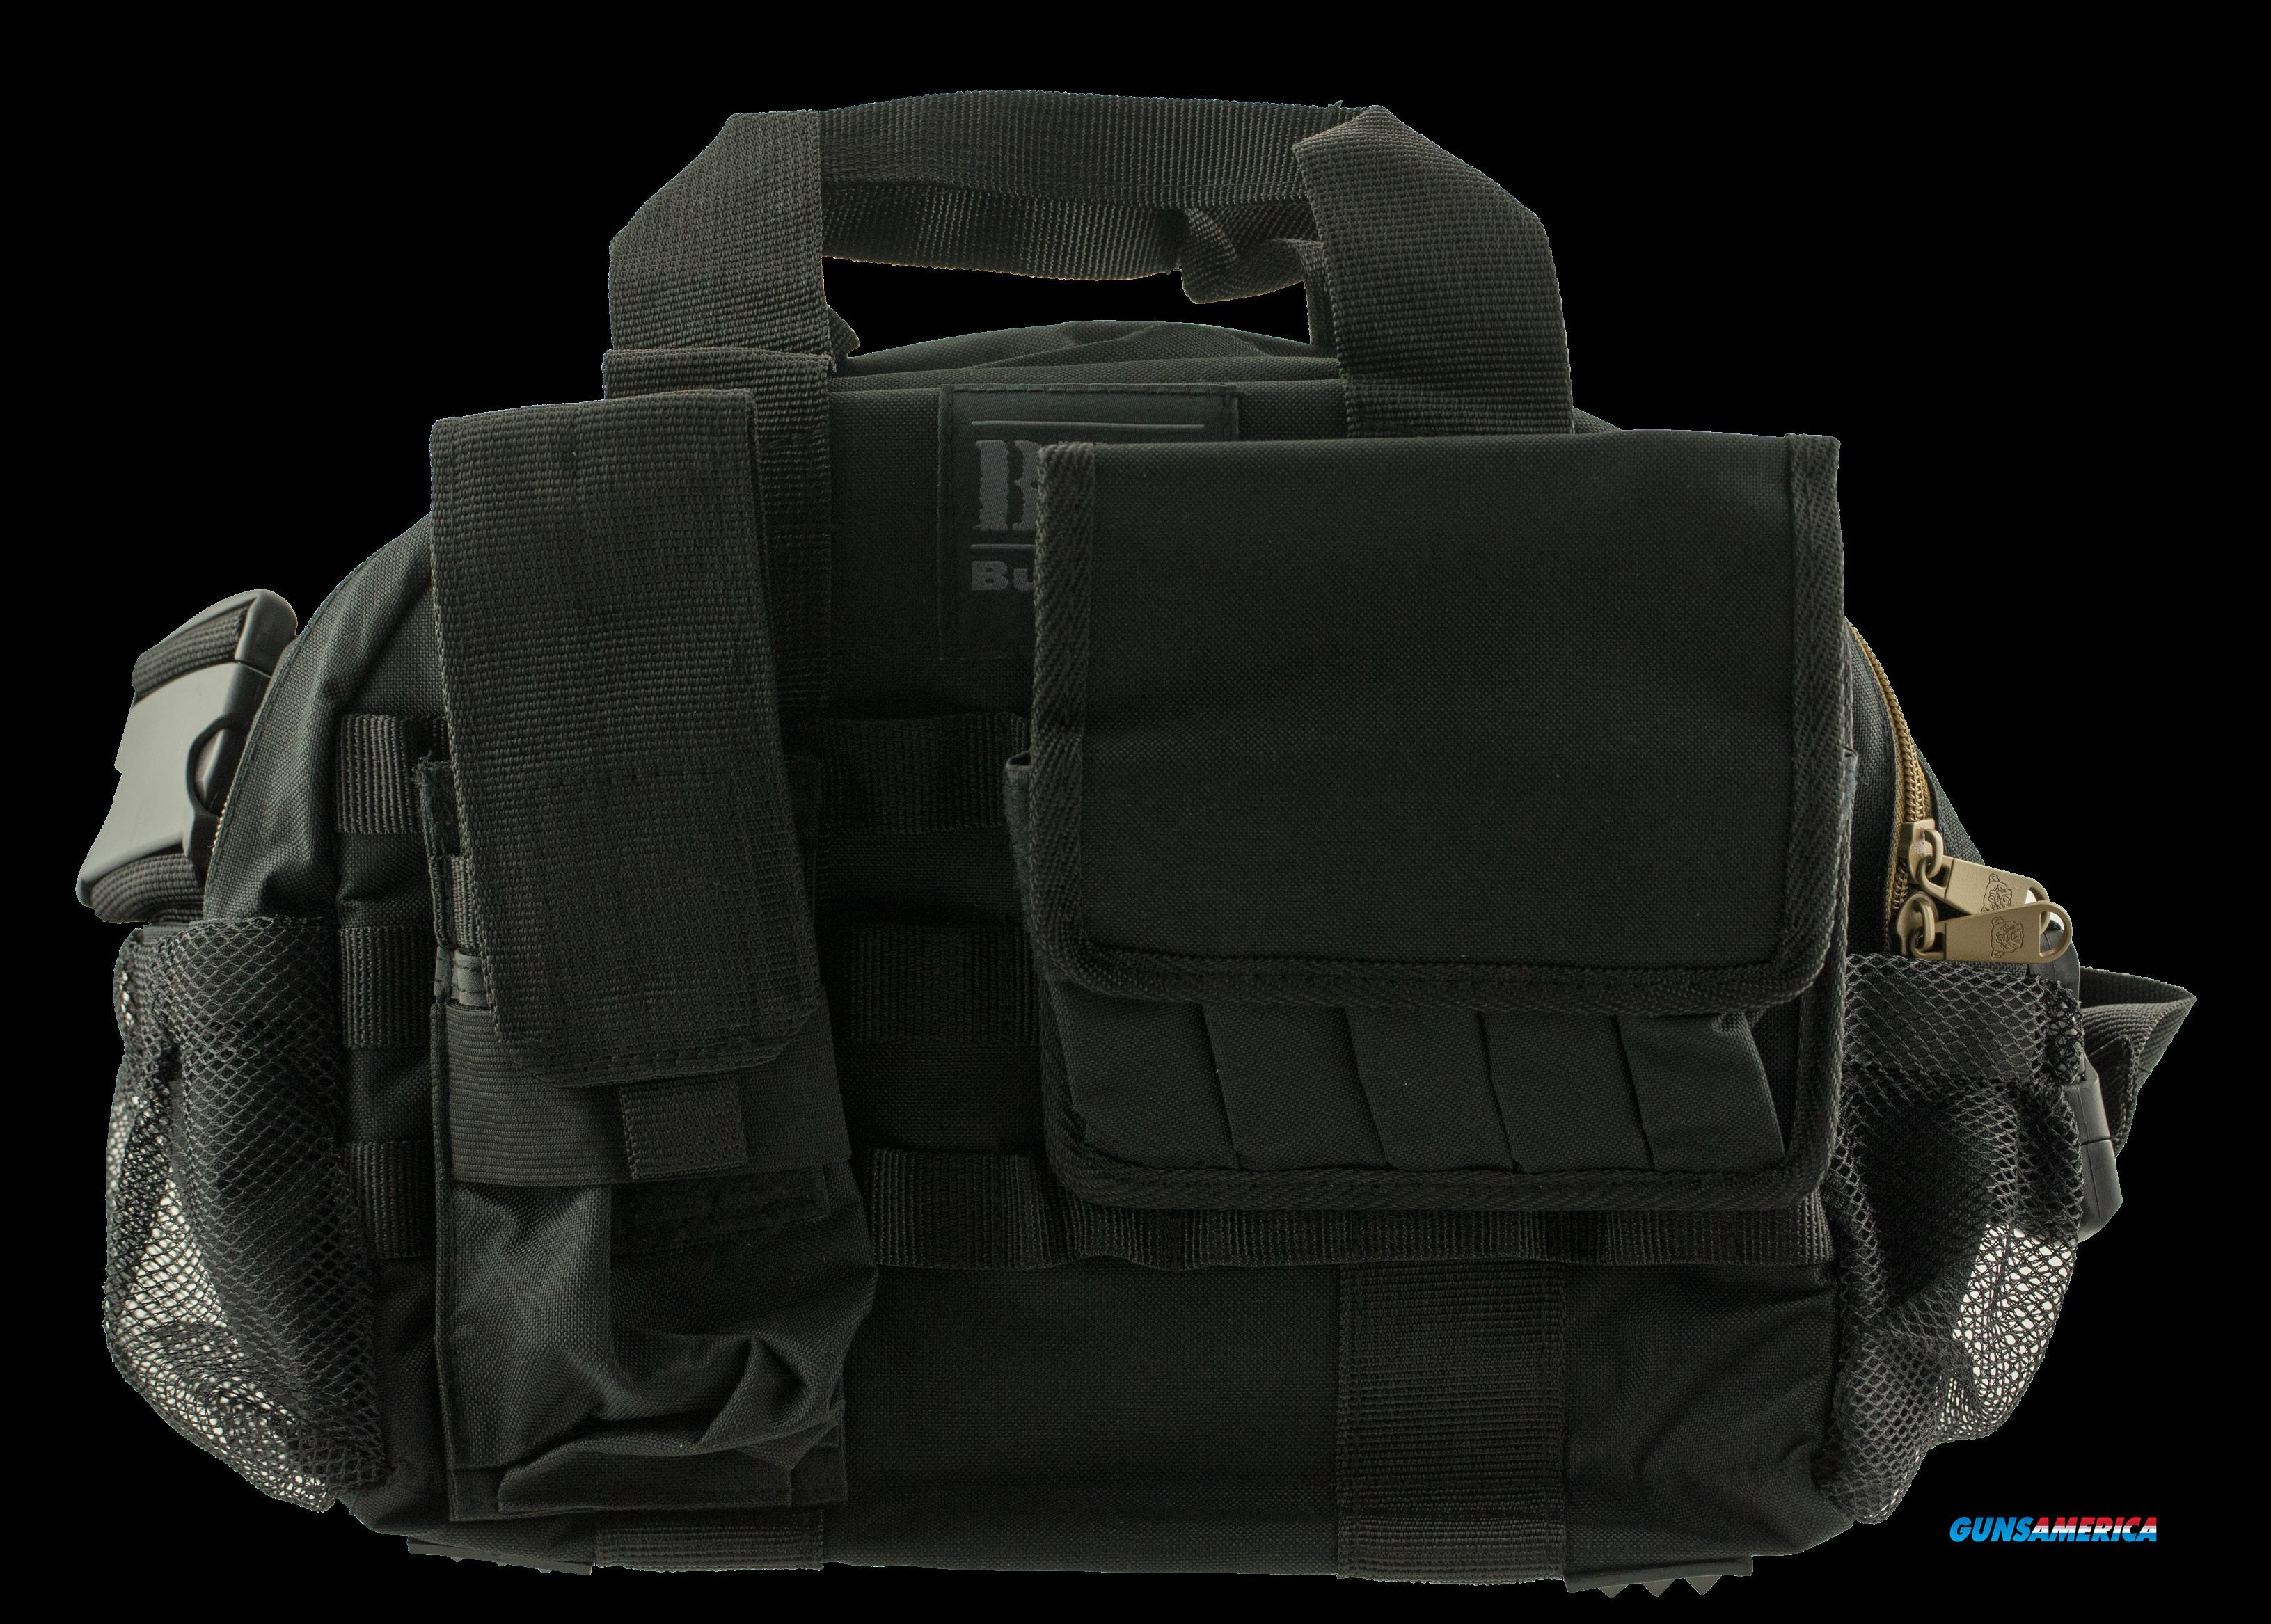 Bulldog Tactical, Bdog Bdt940b    Tacticl Range Bag  Blk  Guns > Pistols > 1911 Pistol Copies (non-Colt)